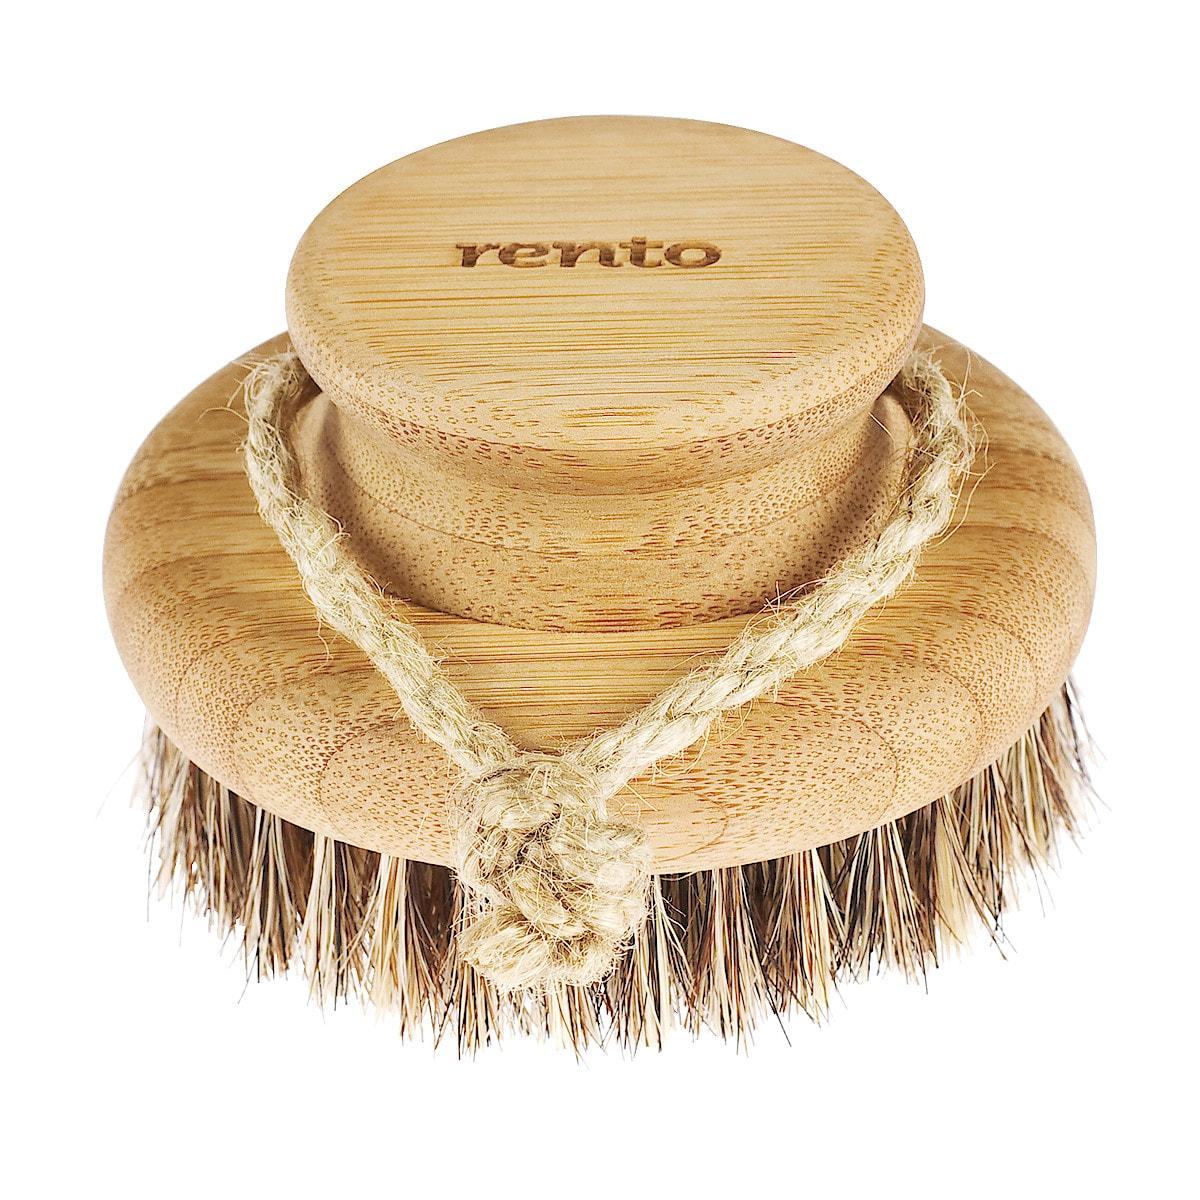 Rento kroppsbørste bambus